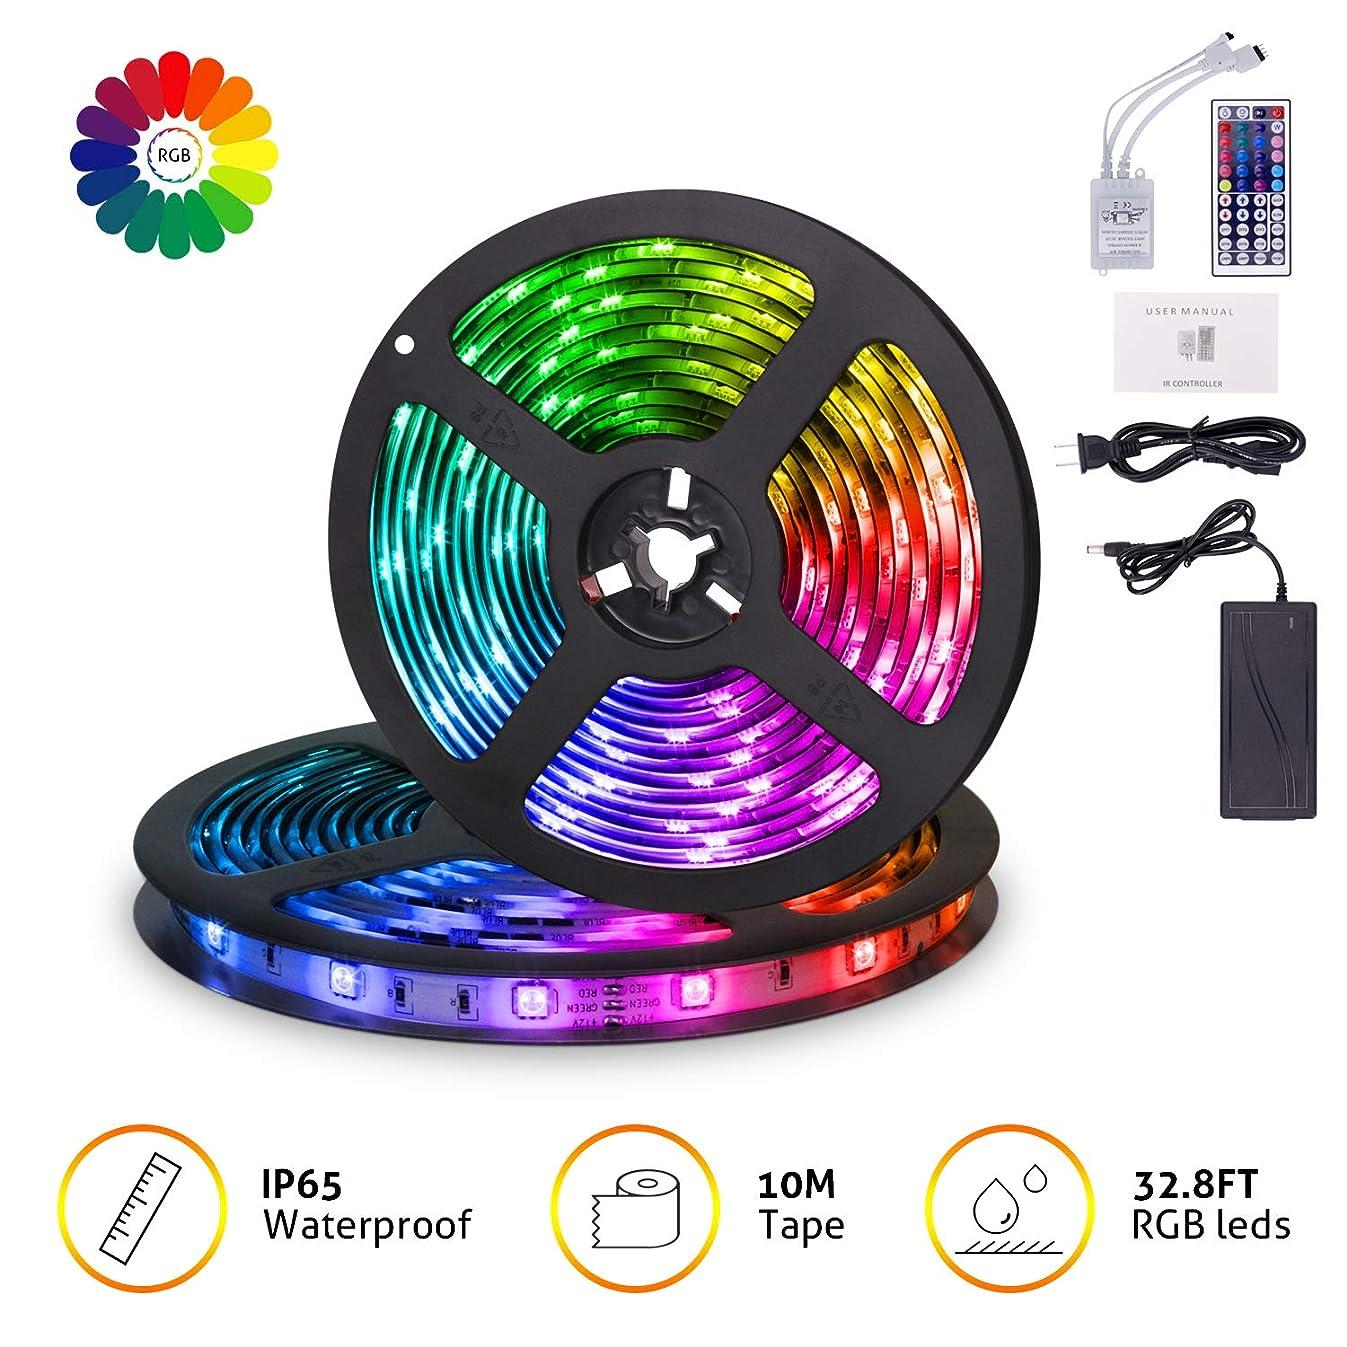 MingoPro LED Strip Lights,32.8FT/10M 300 LEDs SMD5050 RGB Strip Lights IP65 Waterproof Flexible Strip Lighting for Home Kitchen,tv, Desk Table, Dining Room, Bed Room